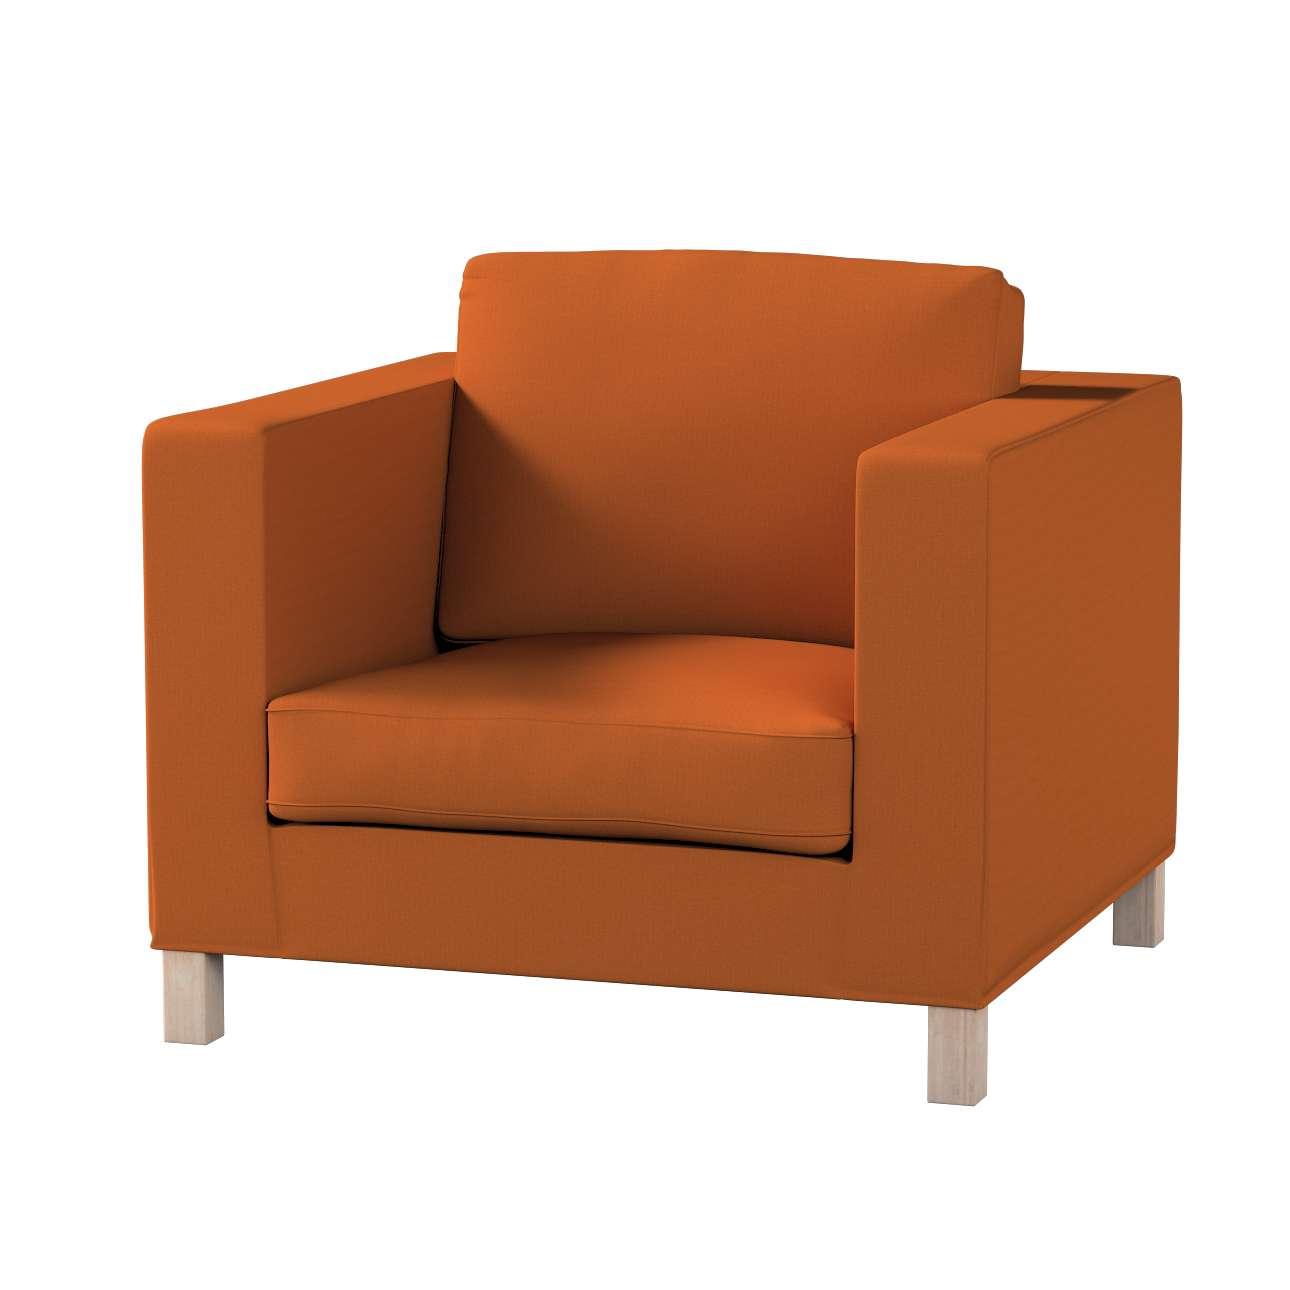 Pokrowiec na fotel Karlanda, krótki w kolekcji Cotton Panama, tkanina: 702-42